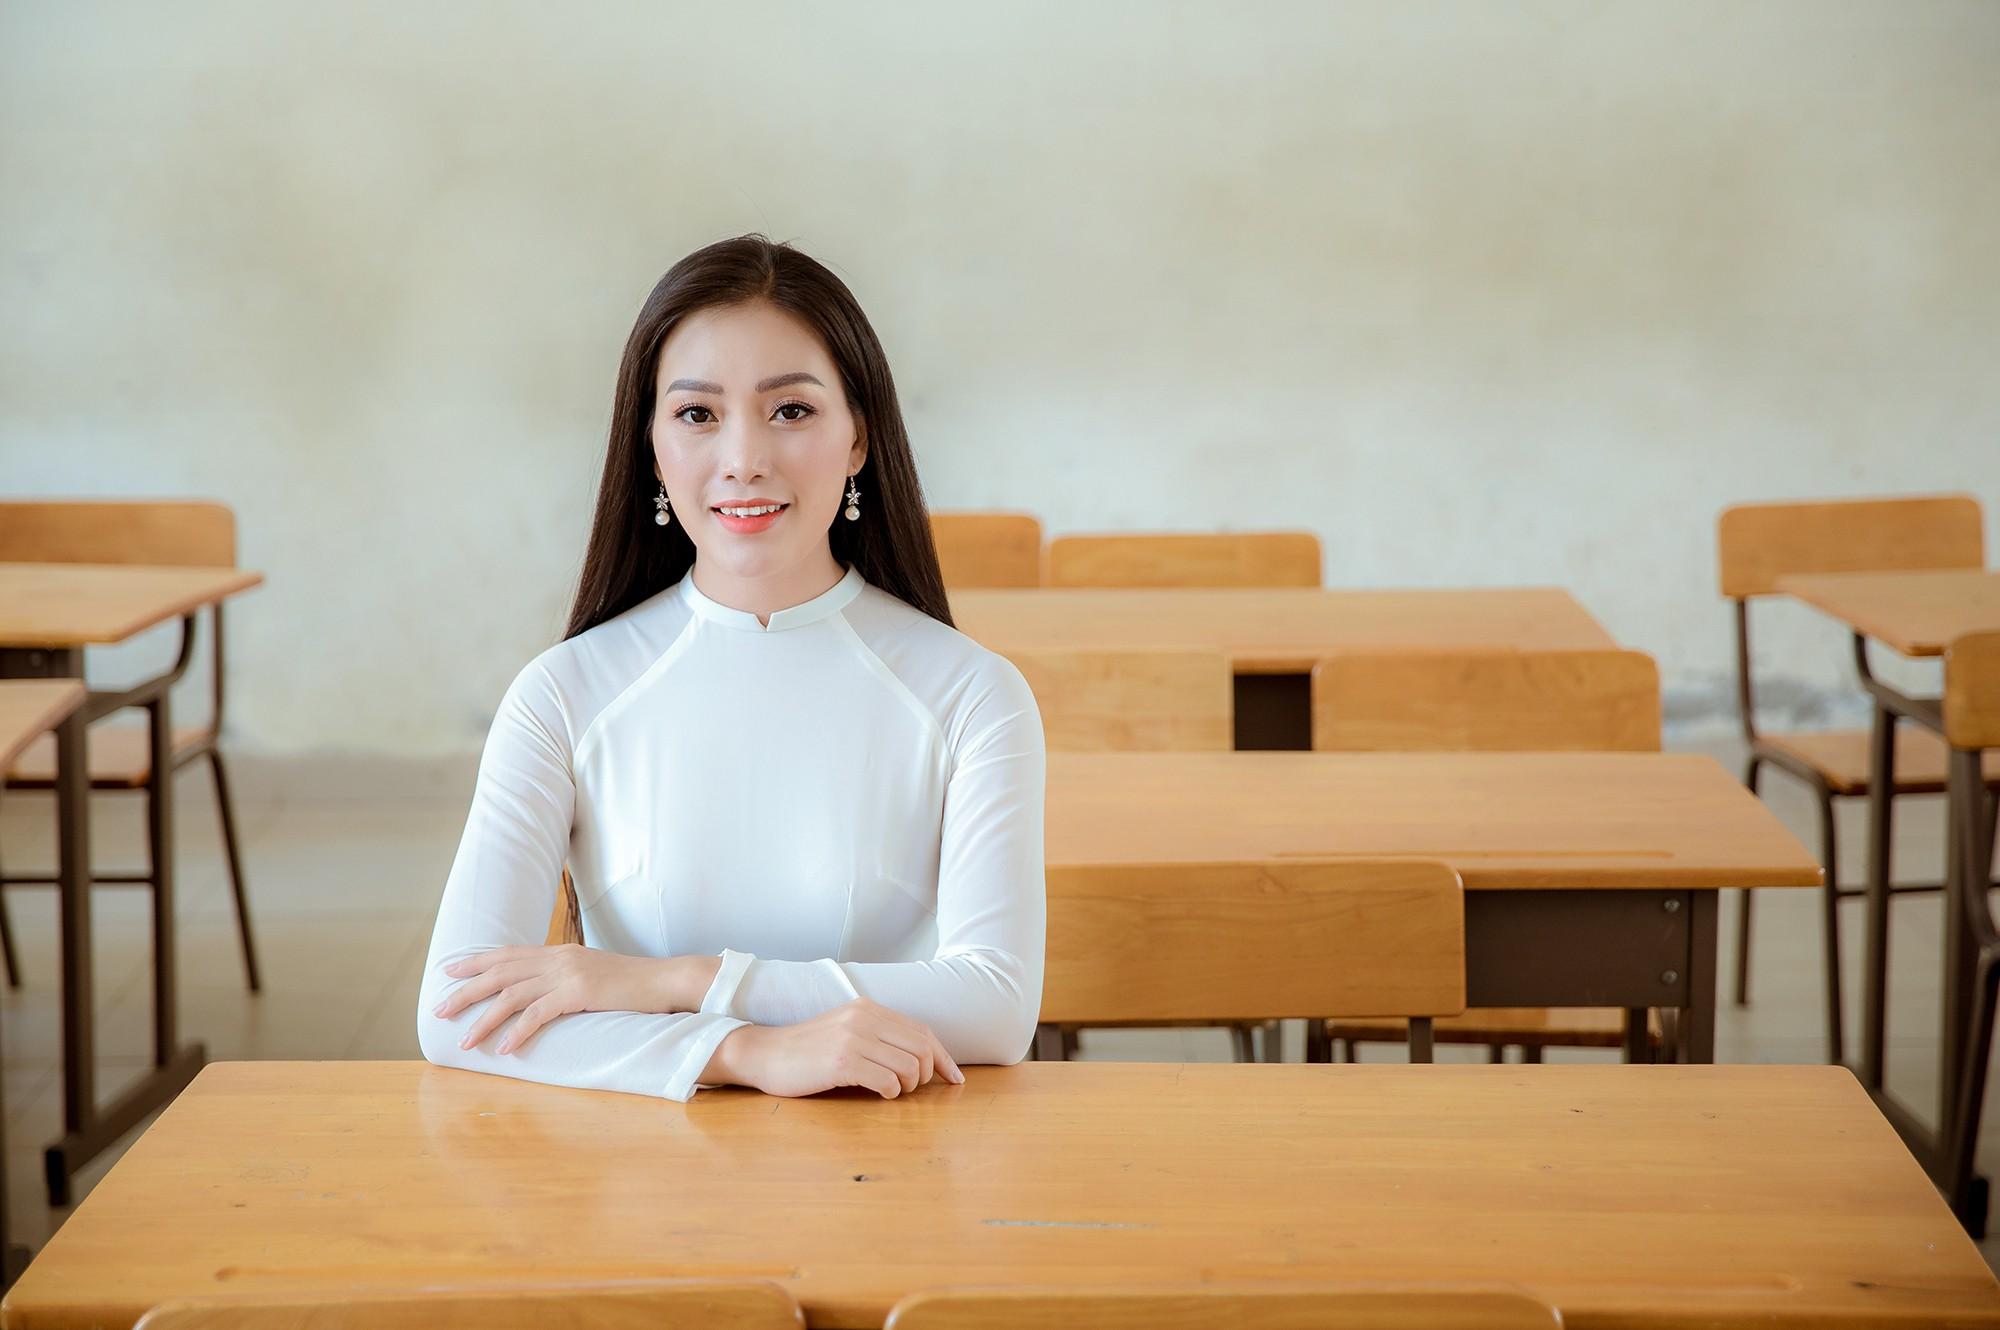 Huyền Trang Sao Mai gây xúc động với ca khúc tặng thầy cô giáo - Hình 2